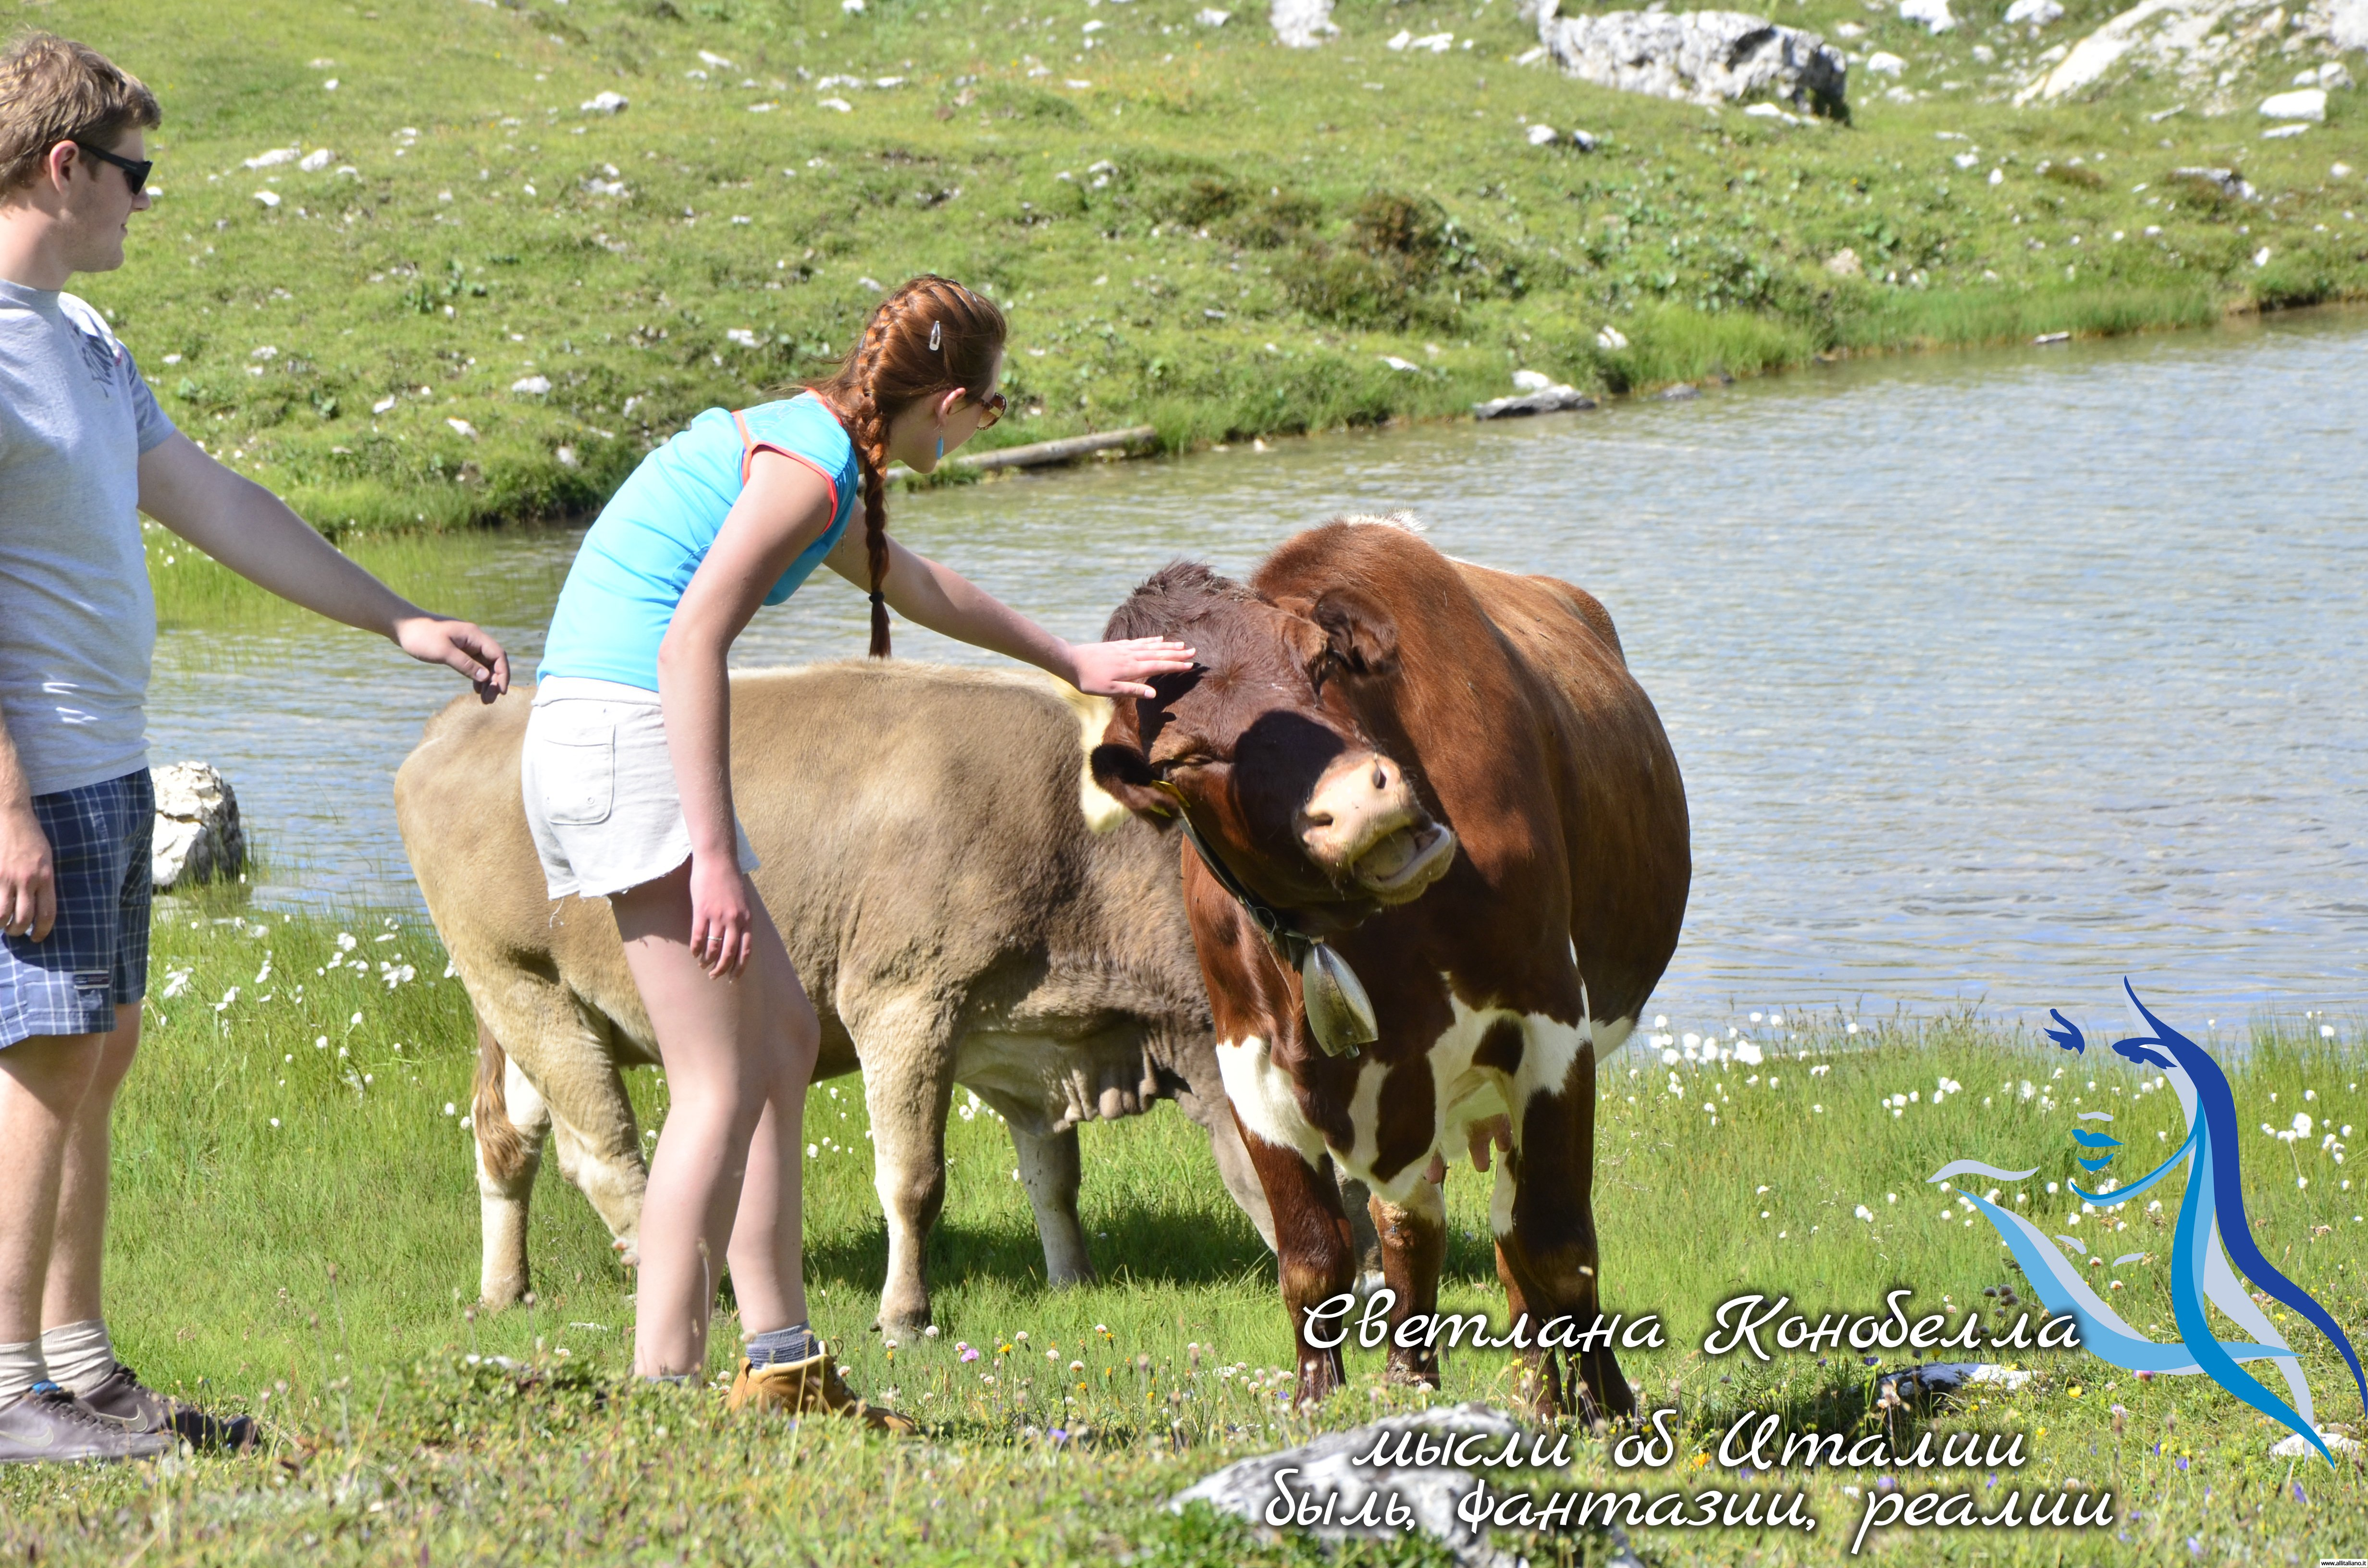 svetlana-konobella-italy-italia- gornye-puteshestvija-dolomitovye-alpy-trekking-hiking-juzhnyj-tirol-alto-adoge (7)